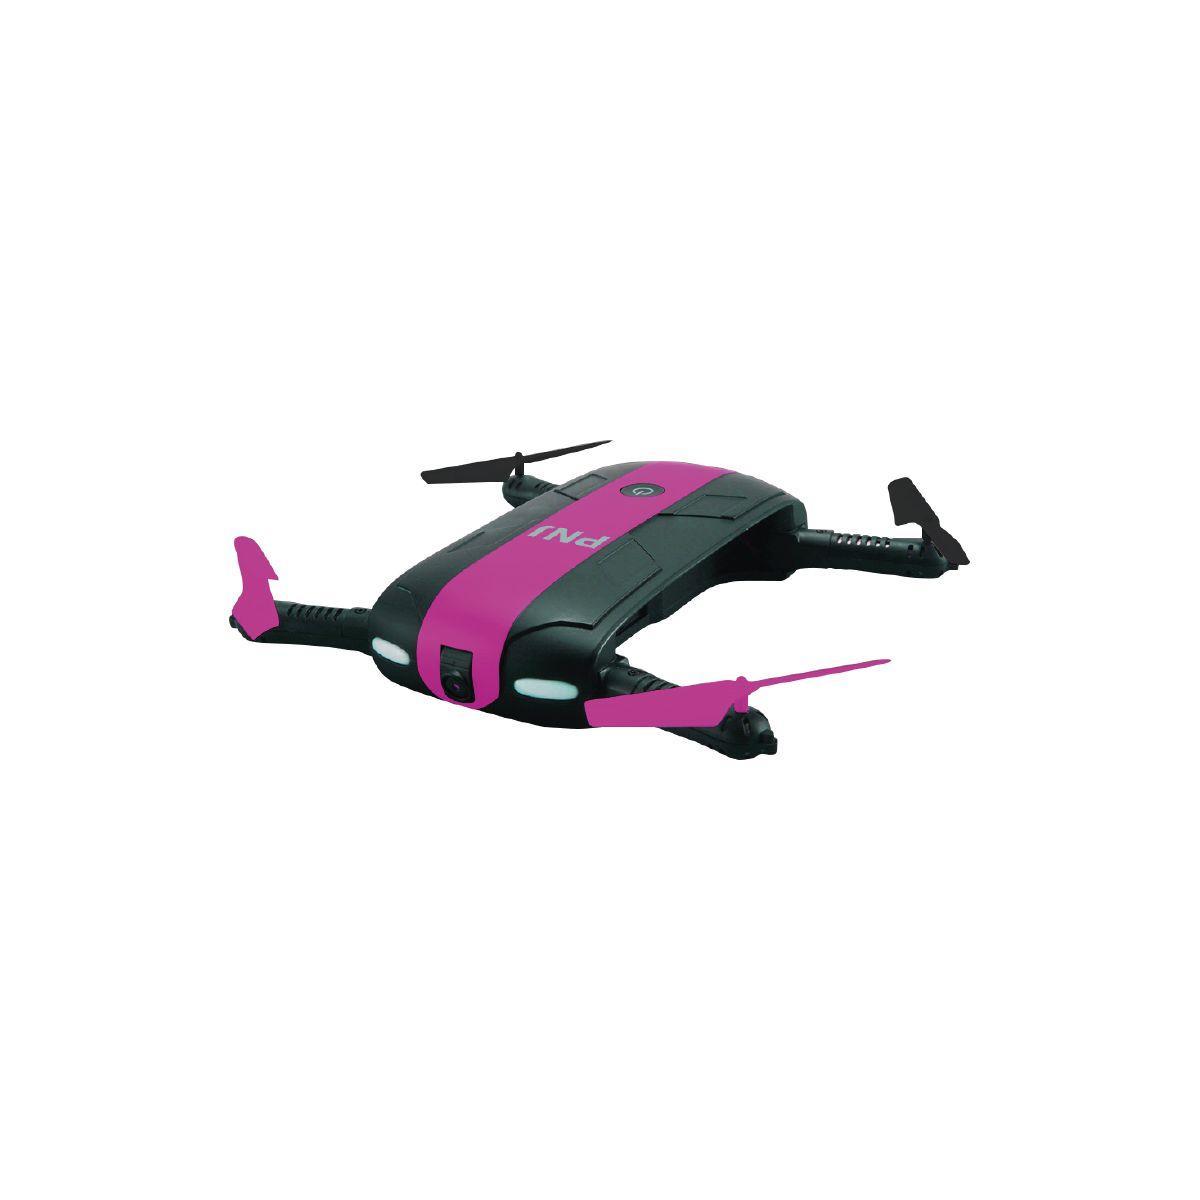 Drones pnj selfie simi hd - 10% de remise immédiate avec le code : cool10 (photo)